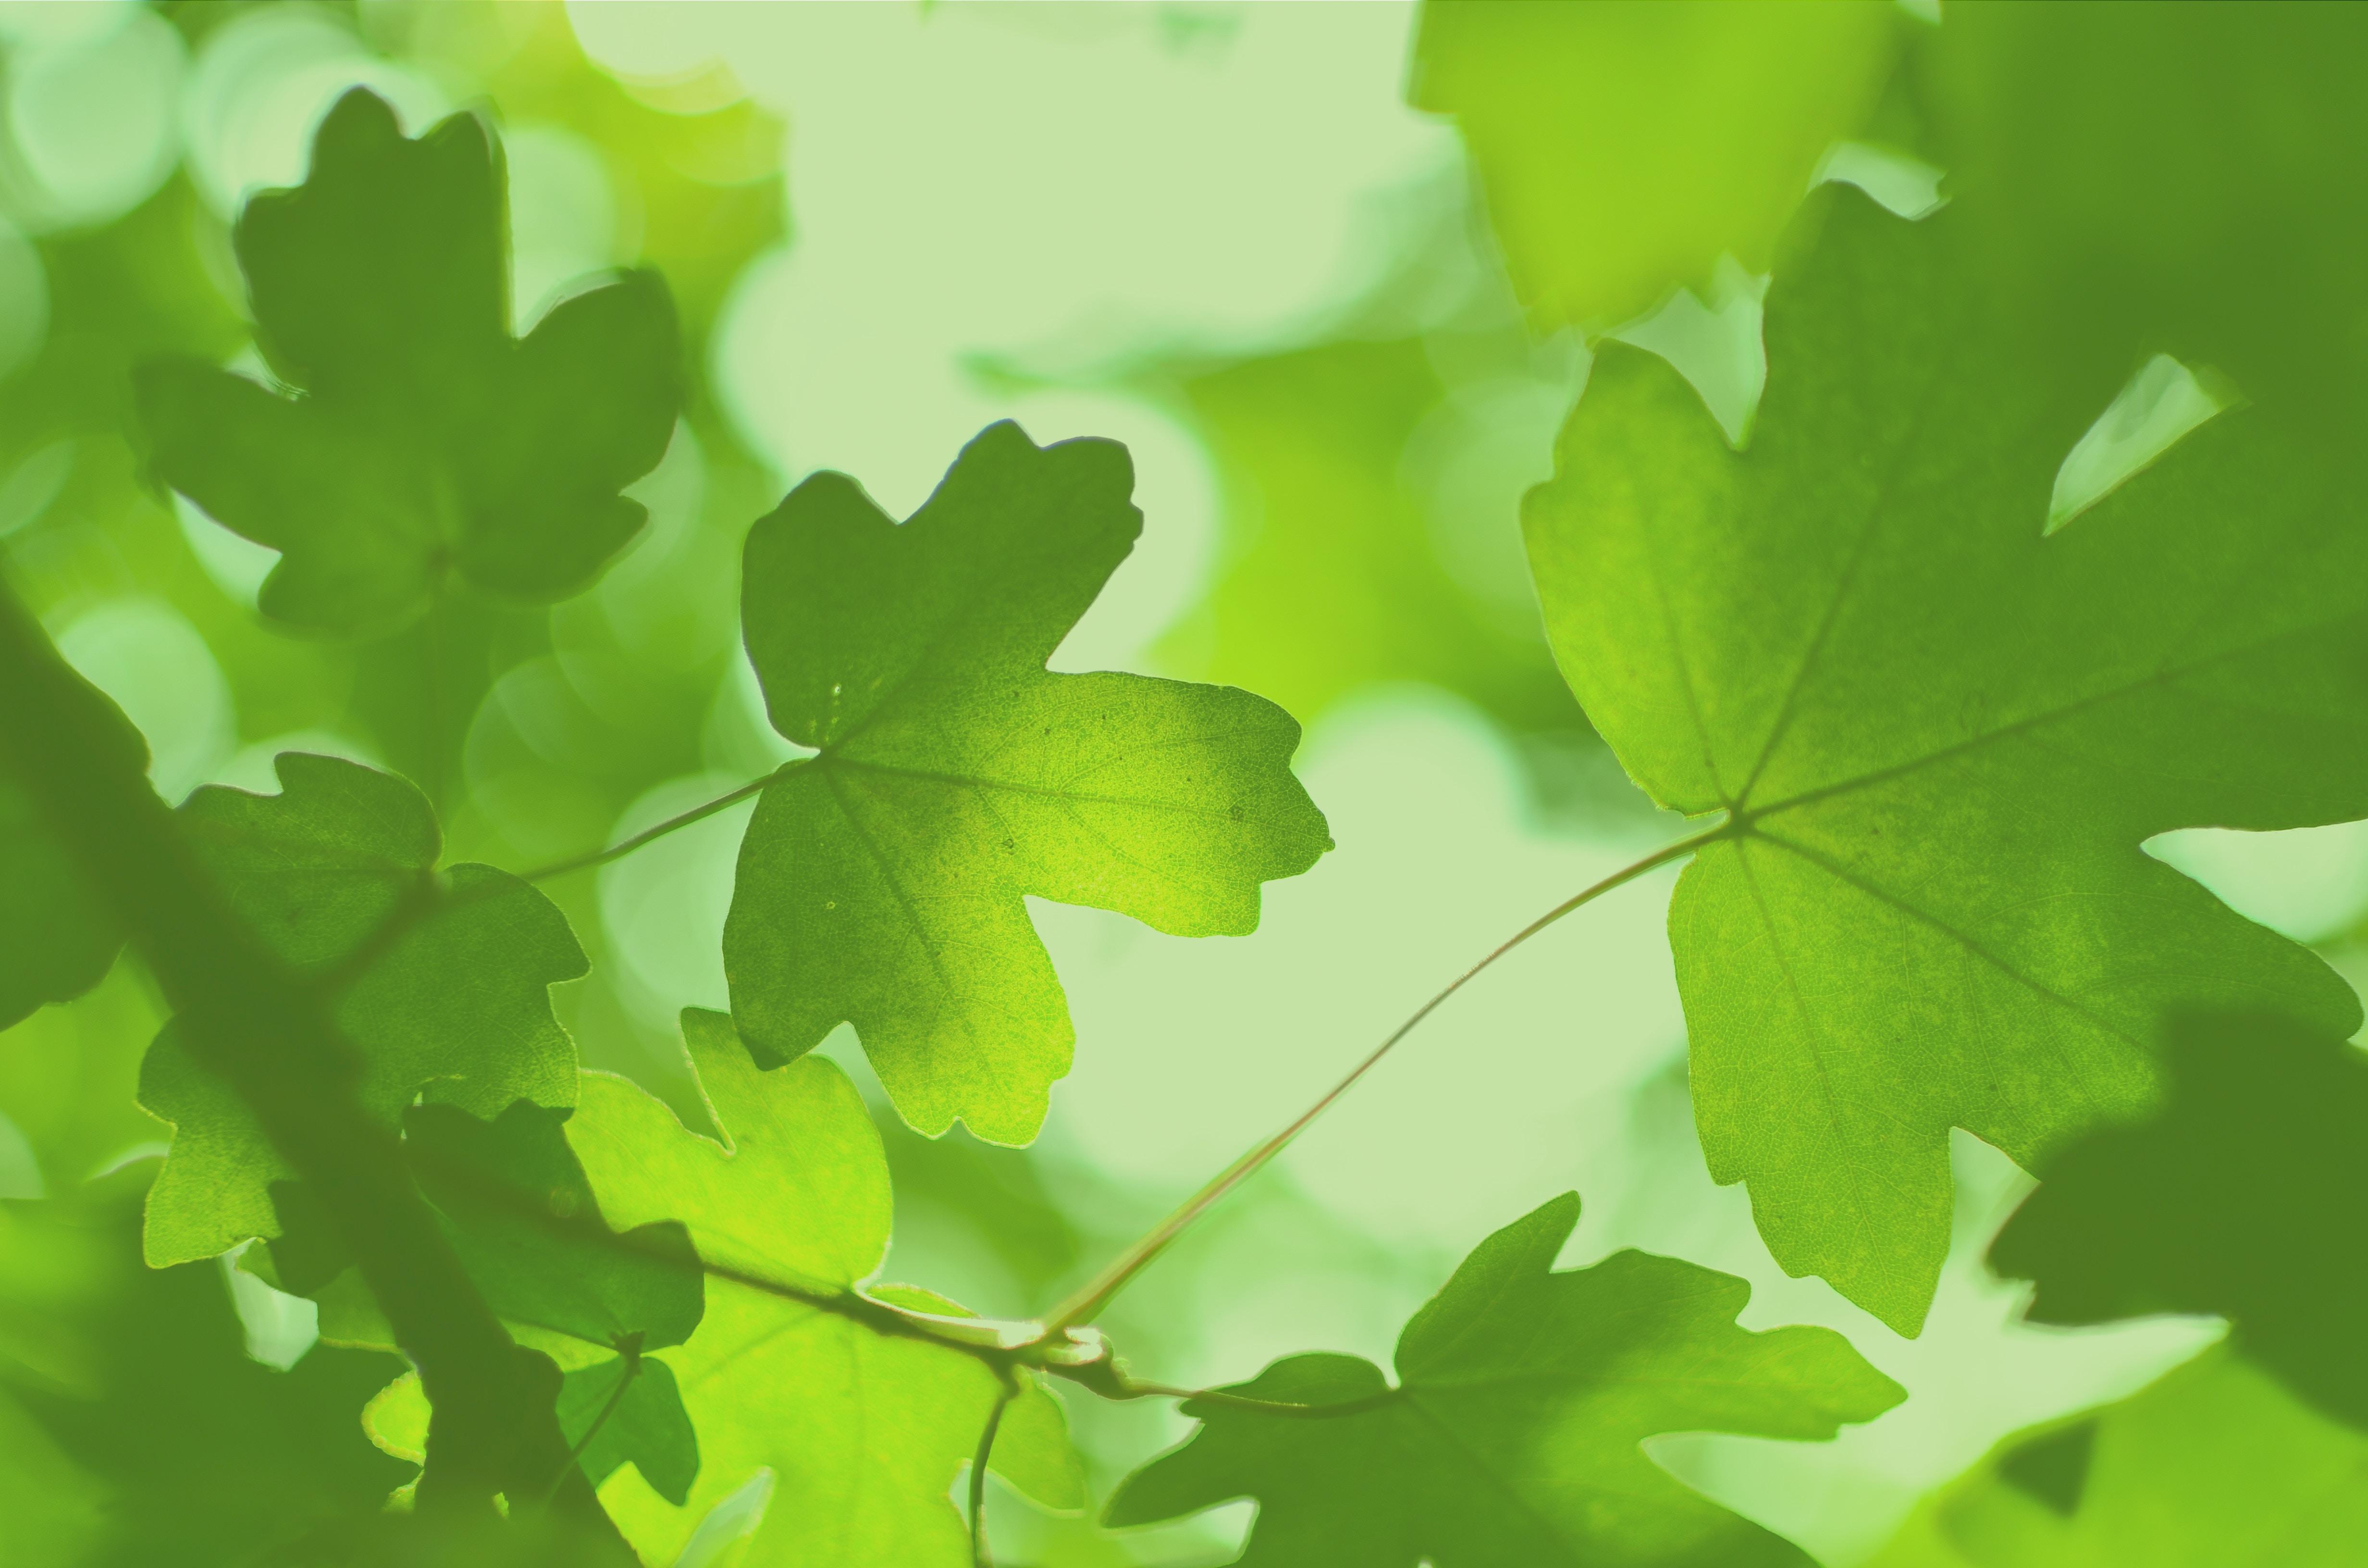 自然エネルギー100%プラットフォームウェビナー(4/7)「2050年カーボンニュートラルを実現へ  〜自然エネルギー100%実現のビジョン~」